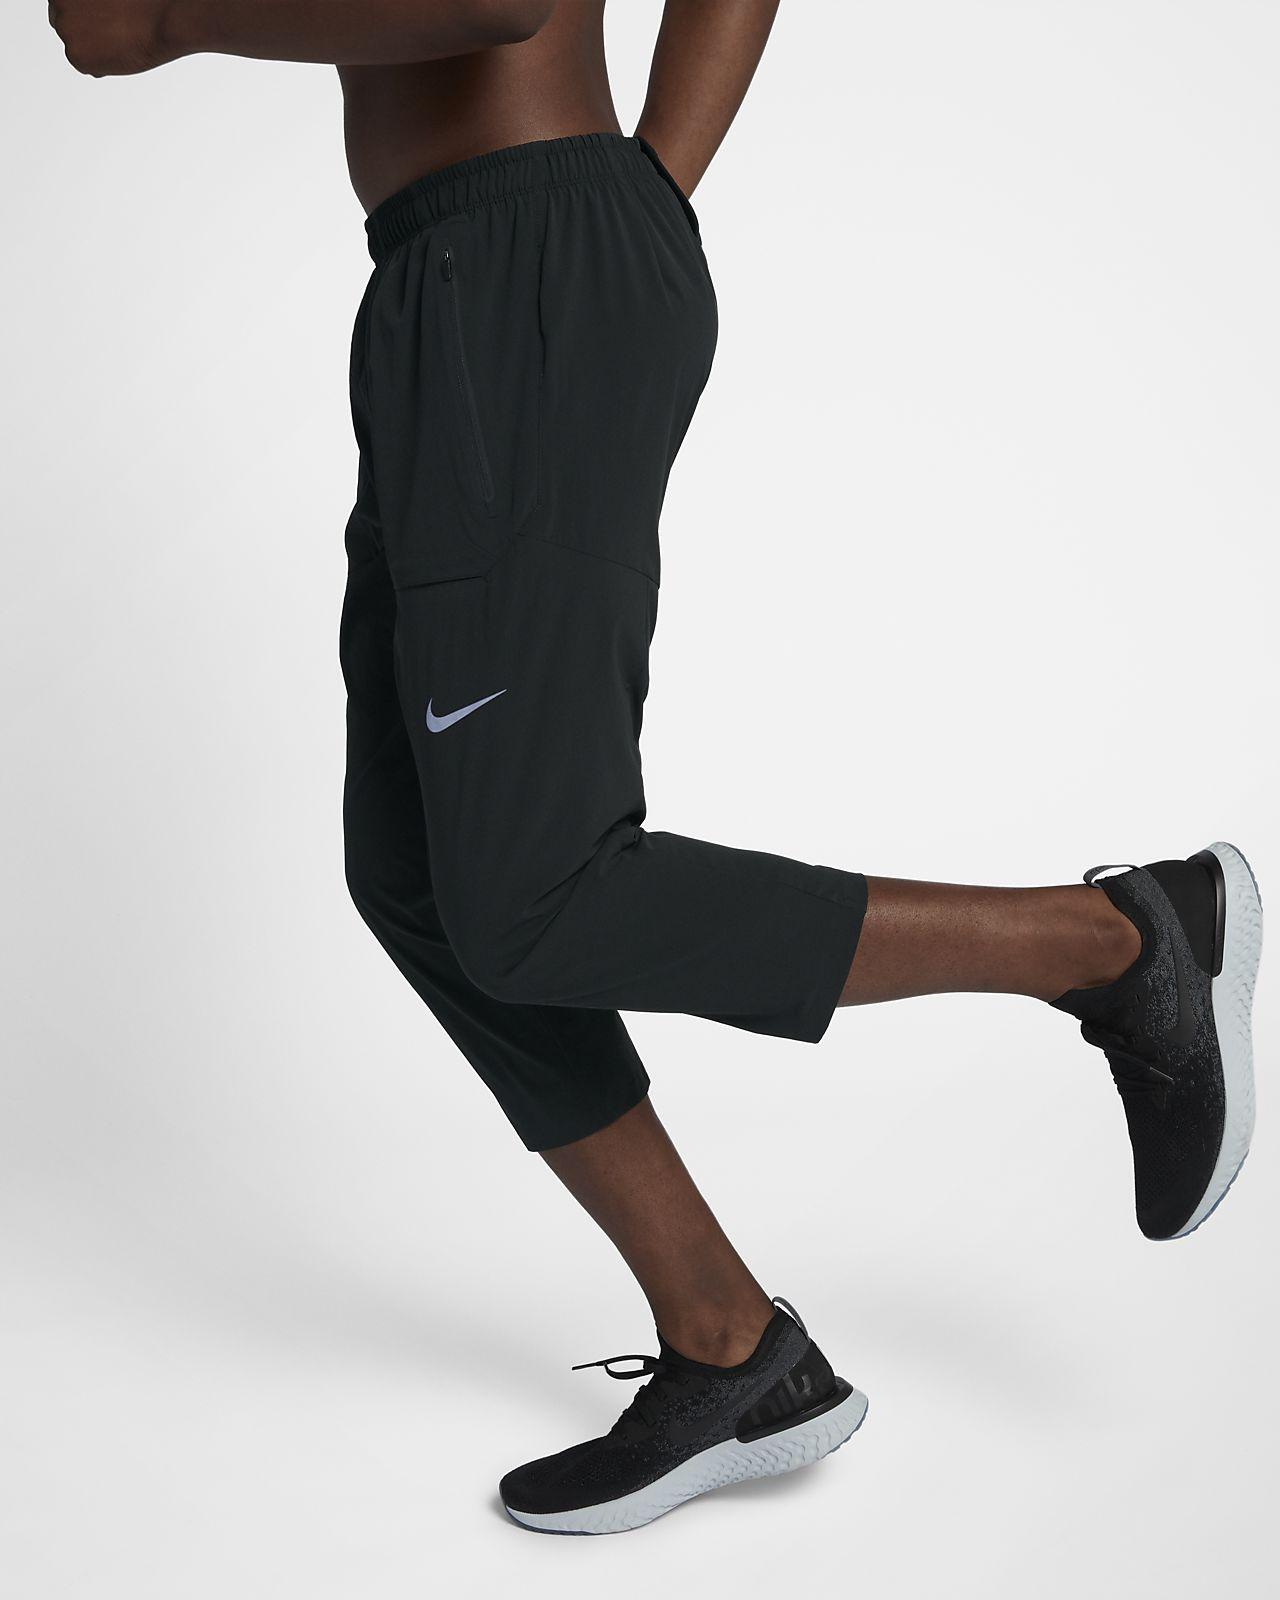 กางเกงวิ่งผู้ชาย Nike Run Division